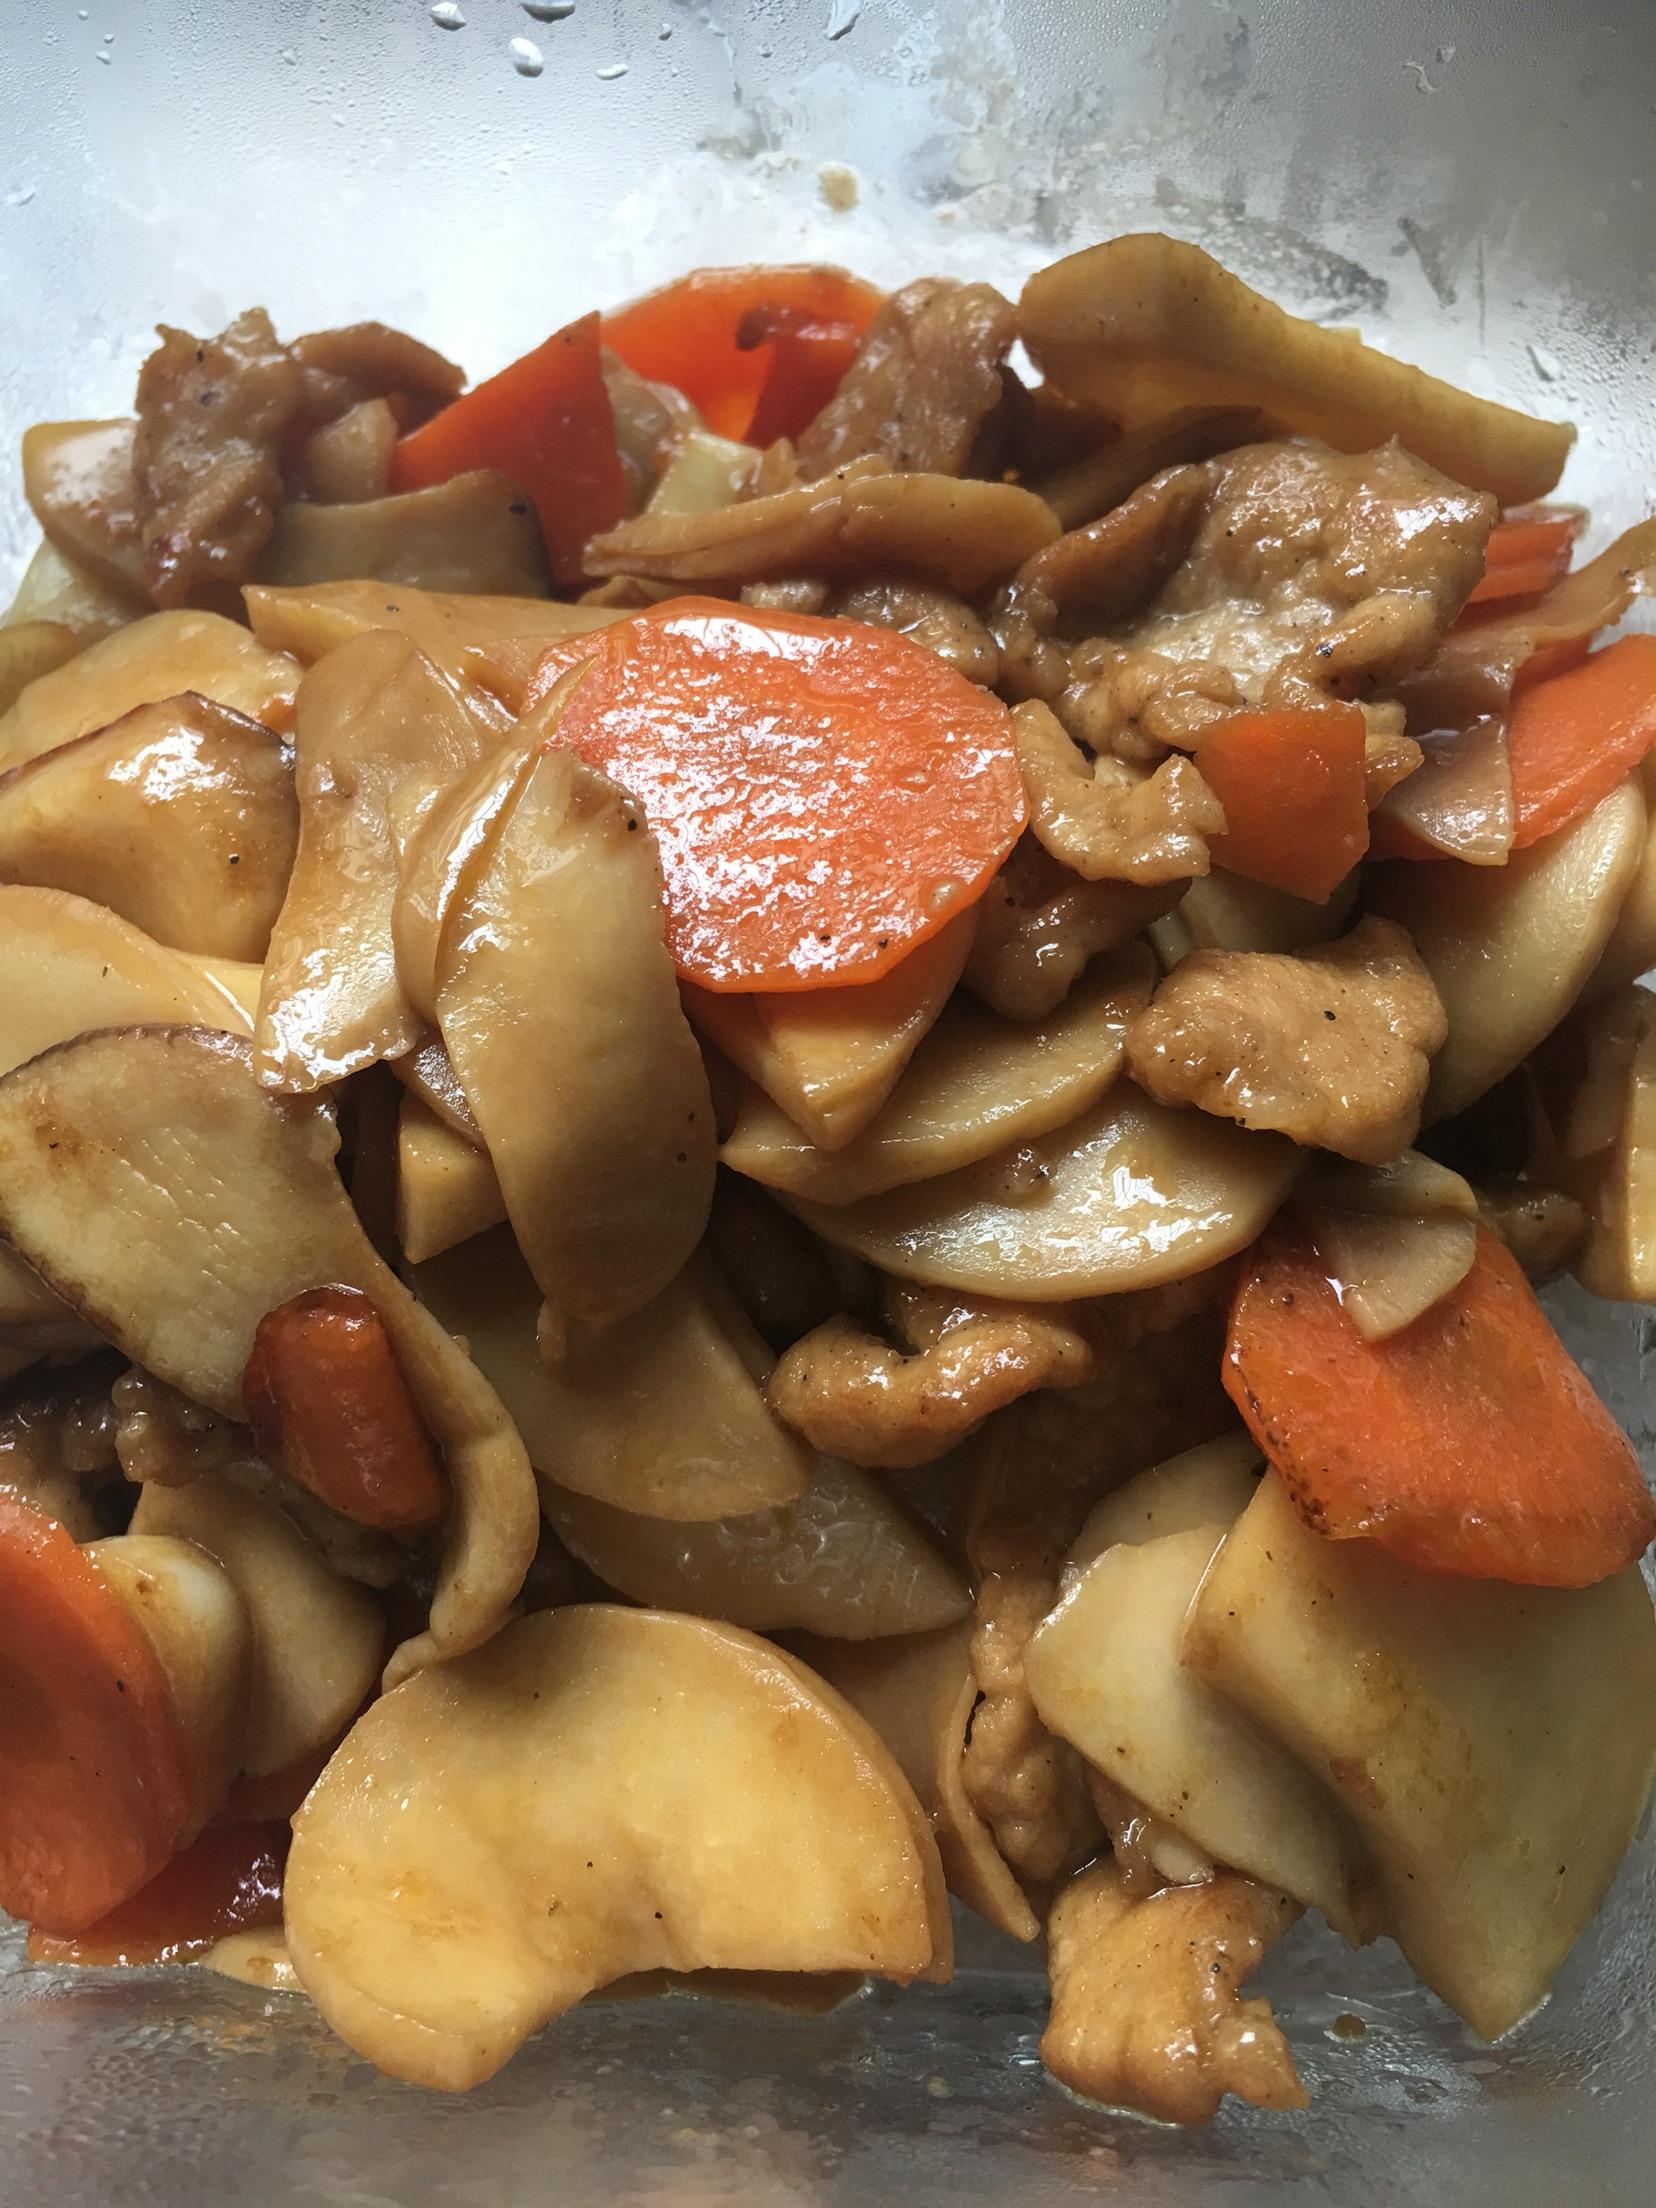 平菇胡萝卜炒肉猪肉饺子芹菜怎样做好吃图片